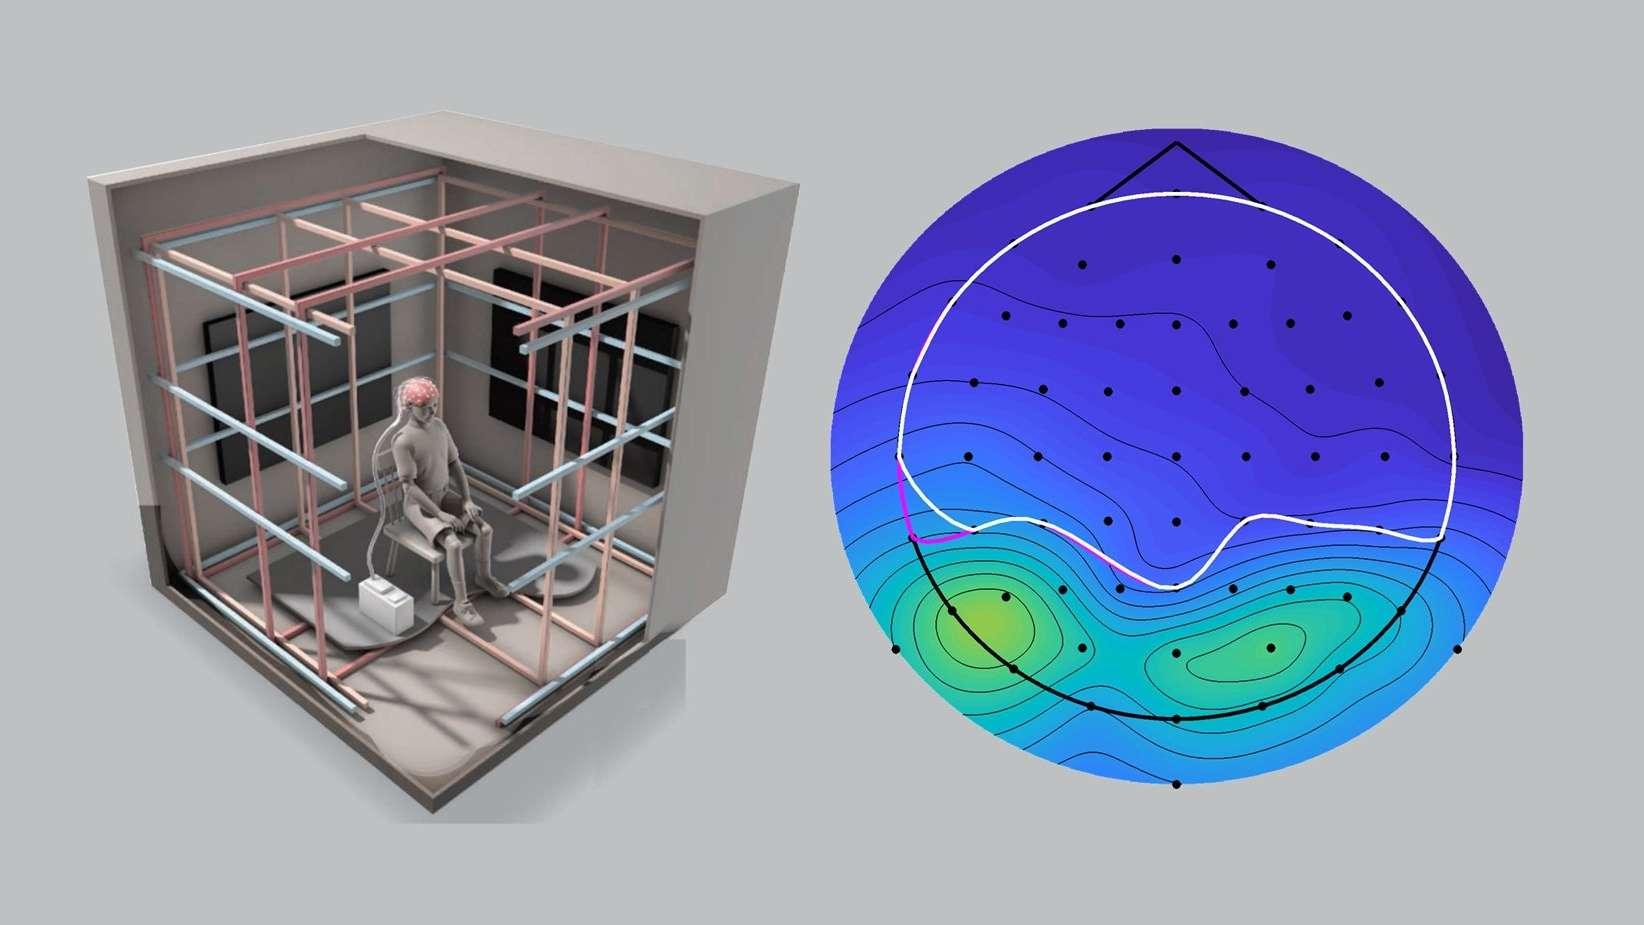 Modell der Testkammer und Diagramm des Abfalls der Alpha-Wellen im Gehirn (dunkelblau)